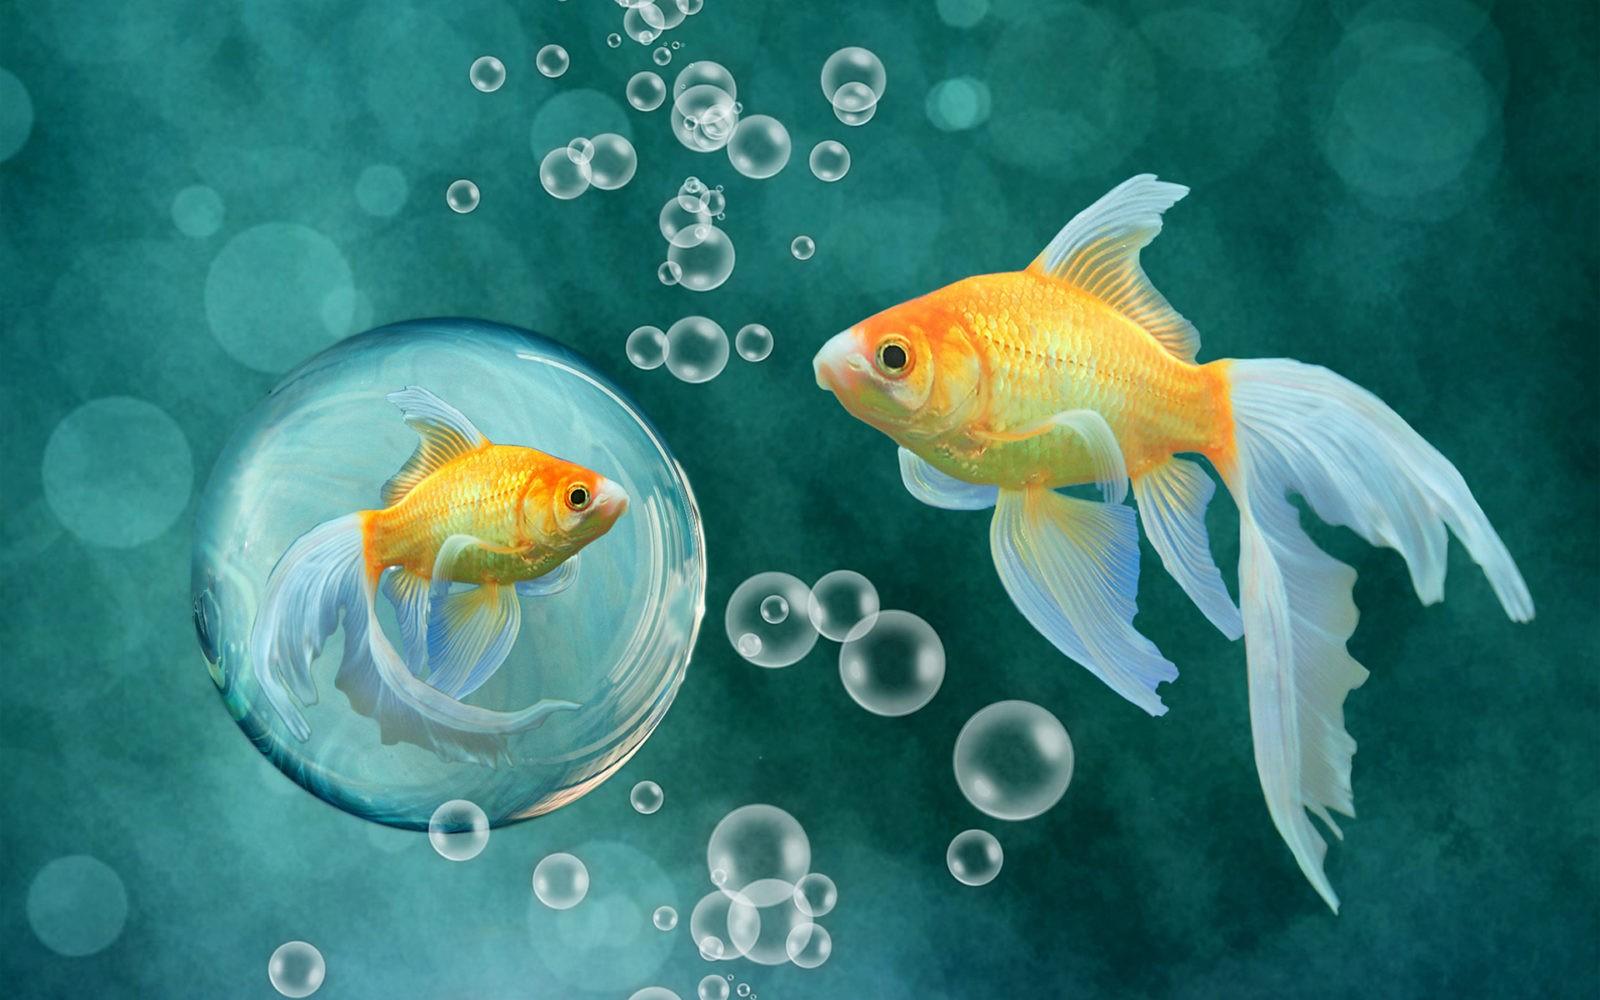 Рыбы могут обмениваться информацией